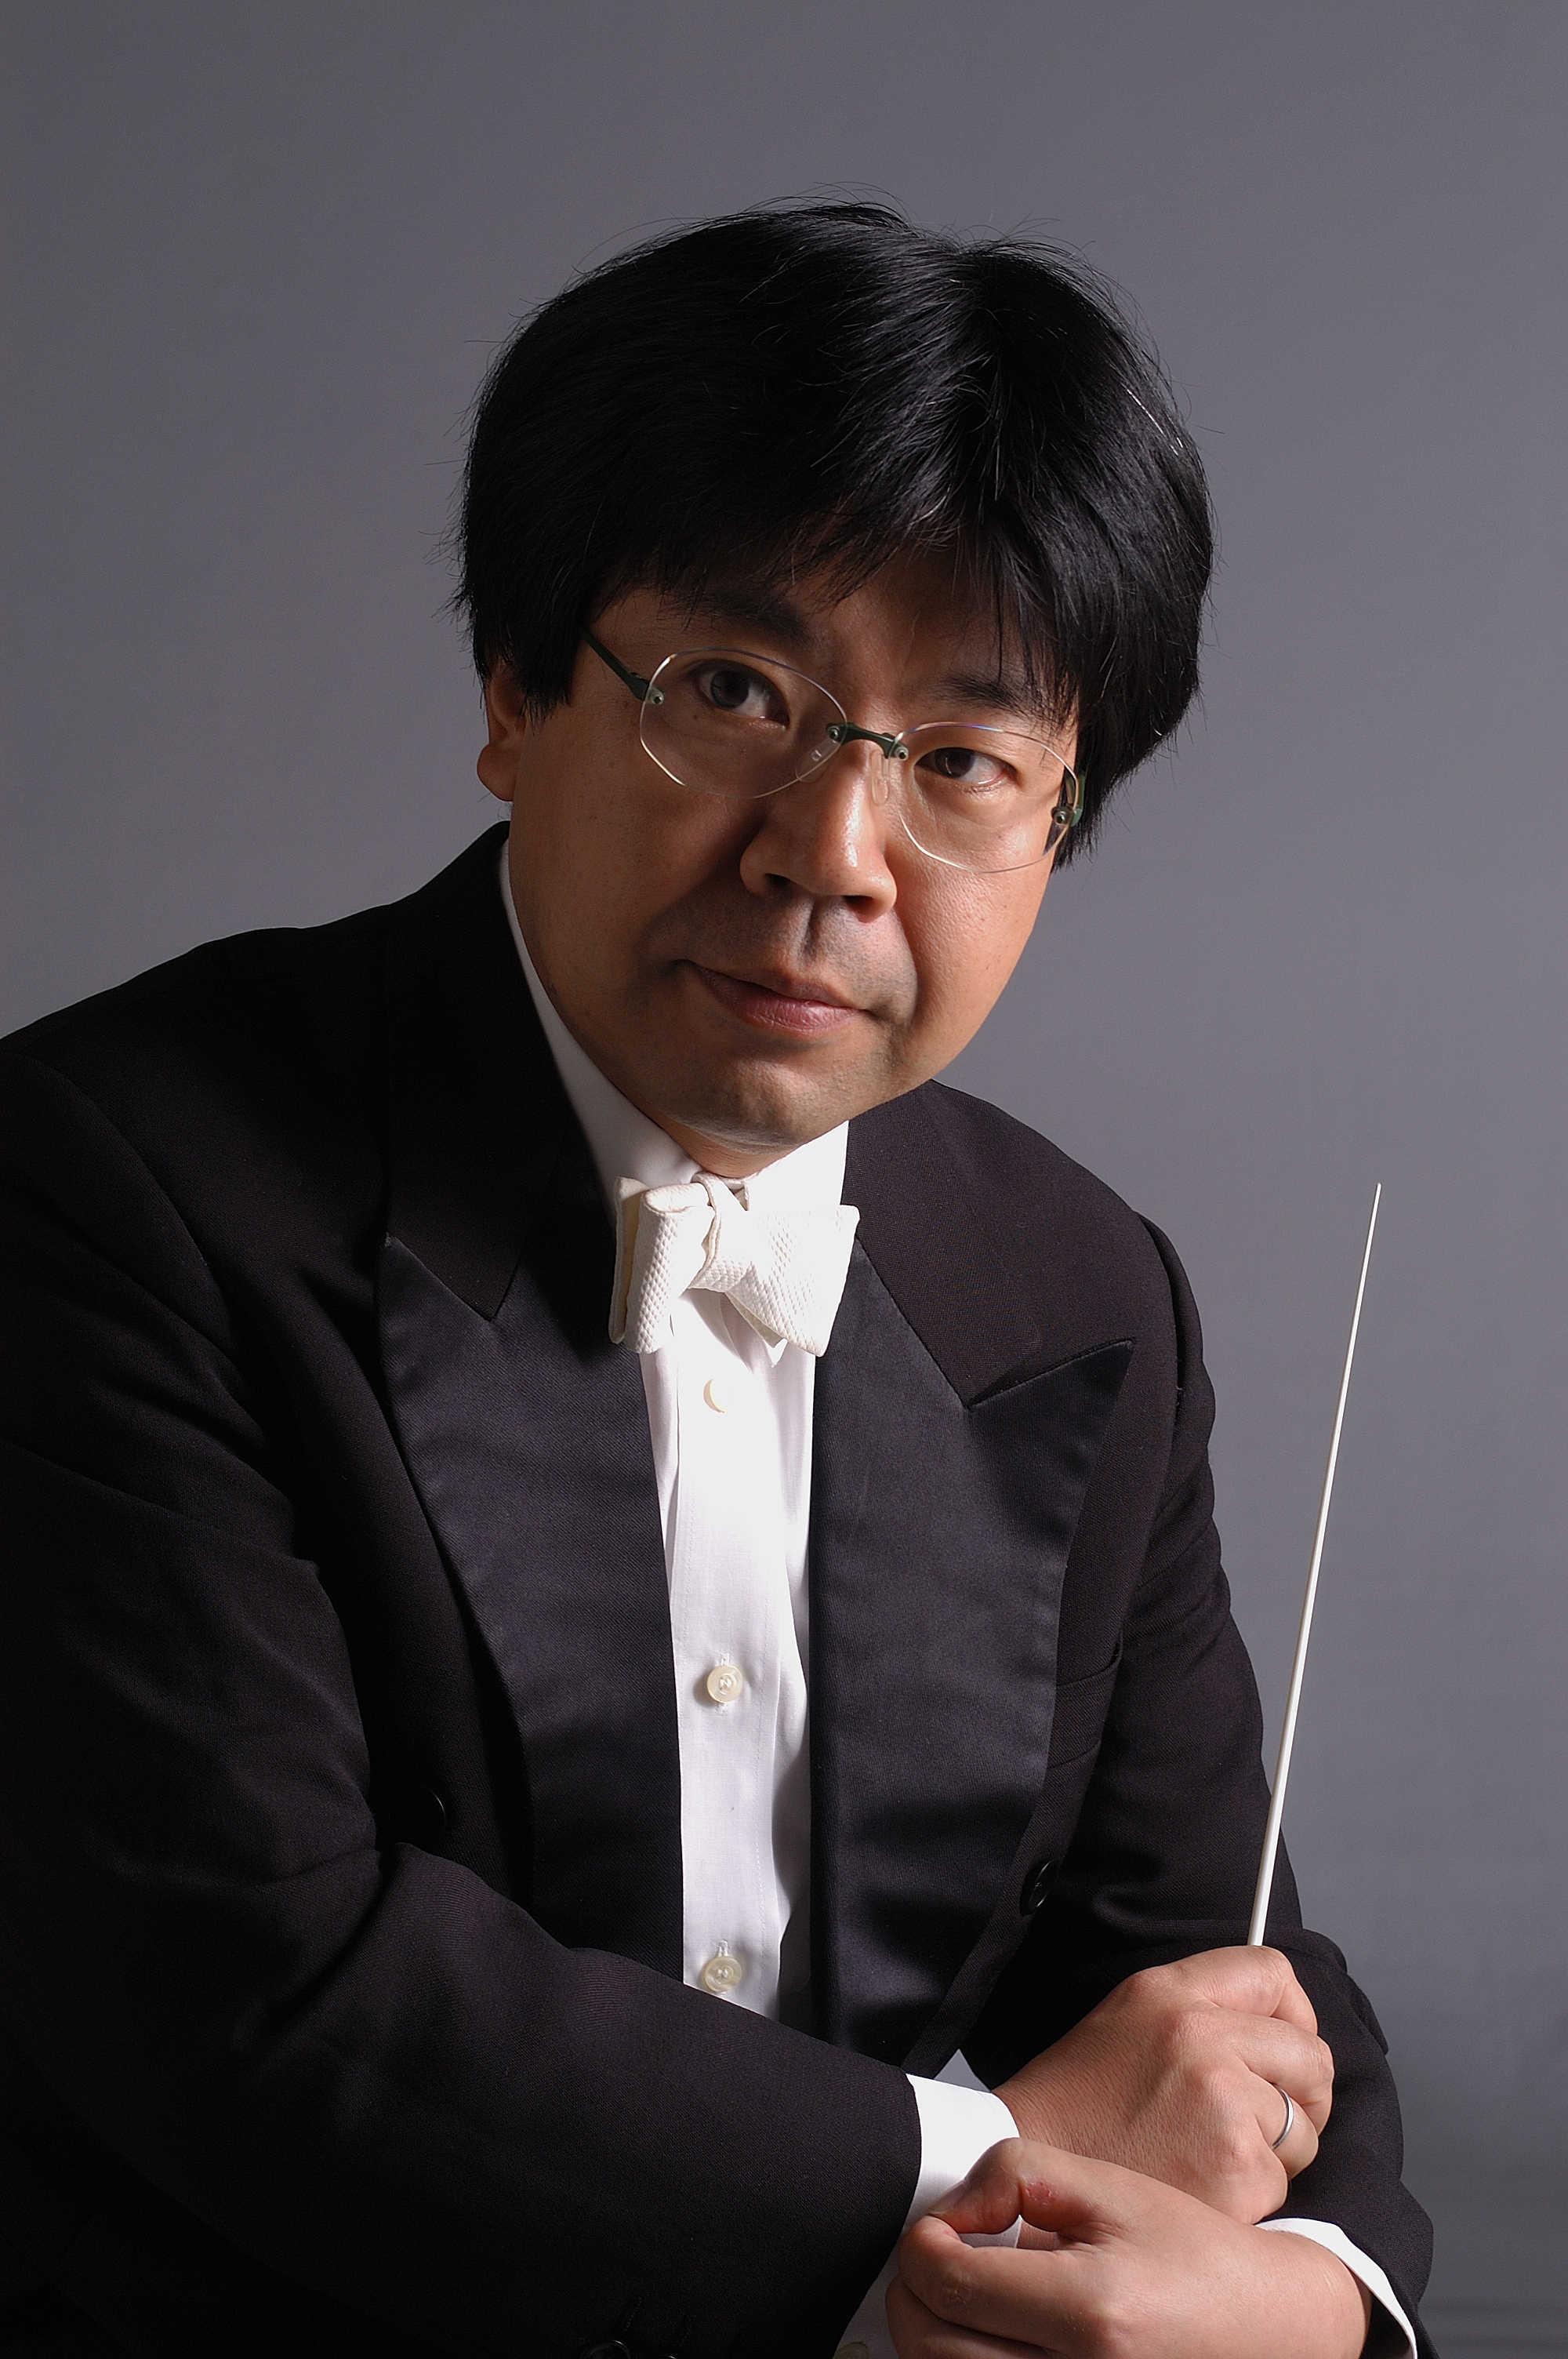 楽譜への深い読みで公演を大成功に導いた高関健 (c)Masahide Sato